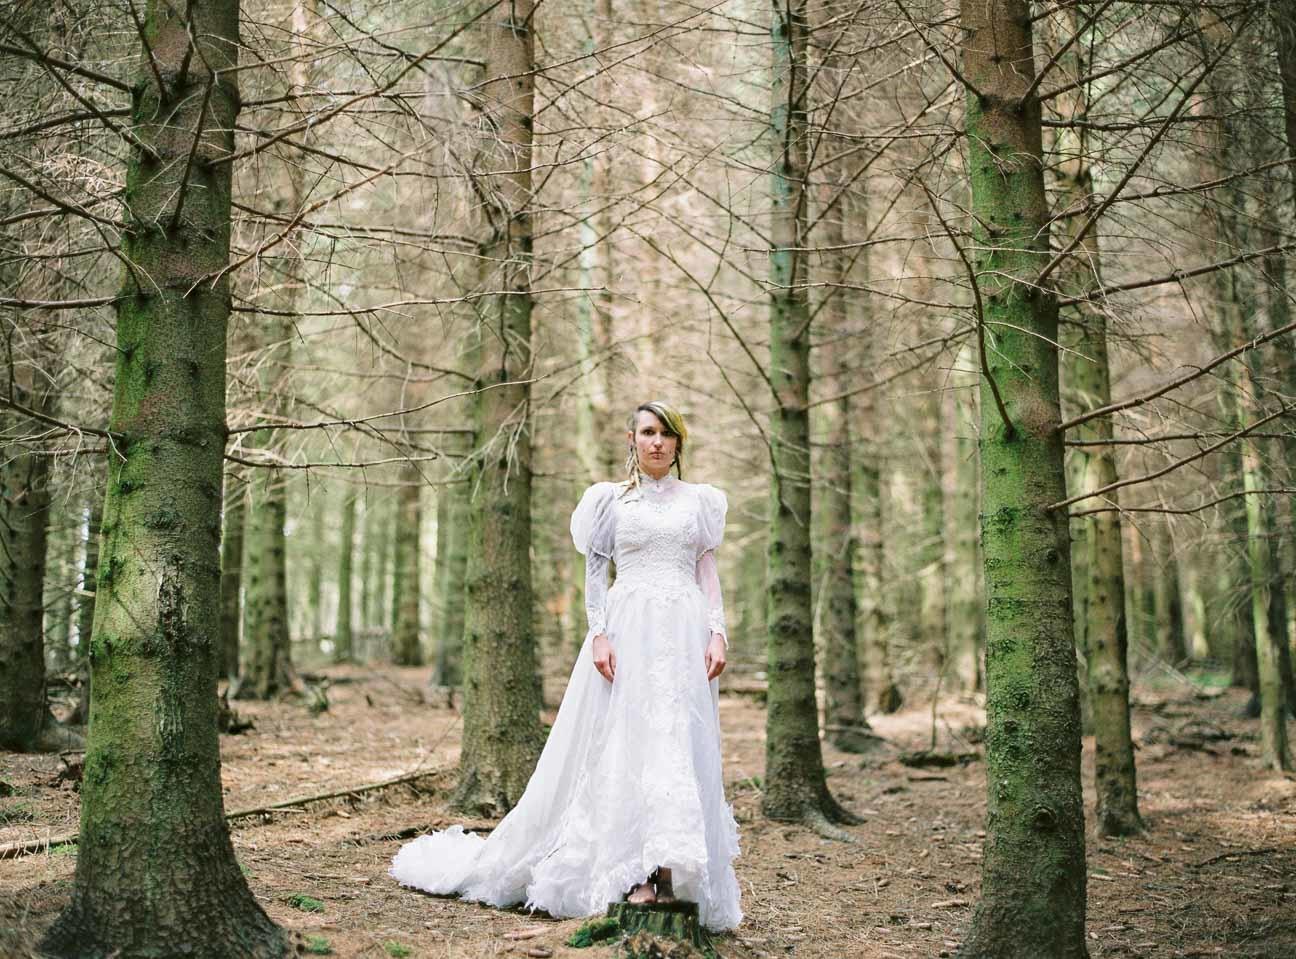 vestido de novia en el bosque (4)